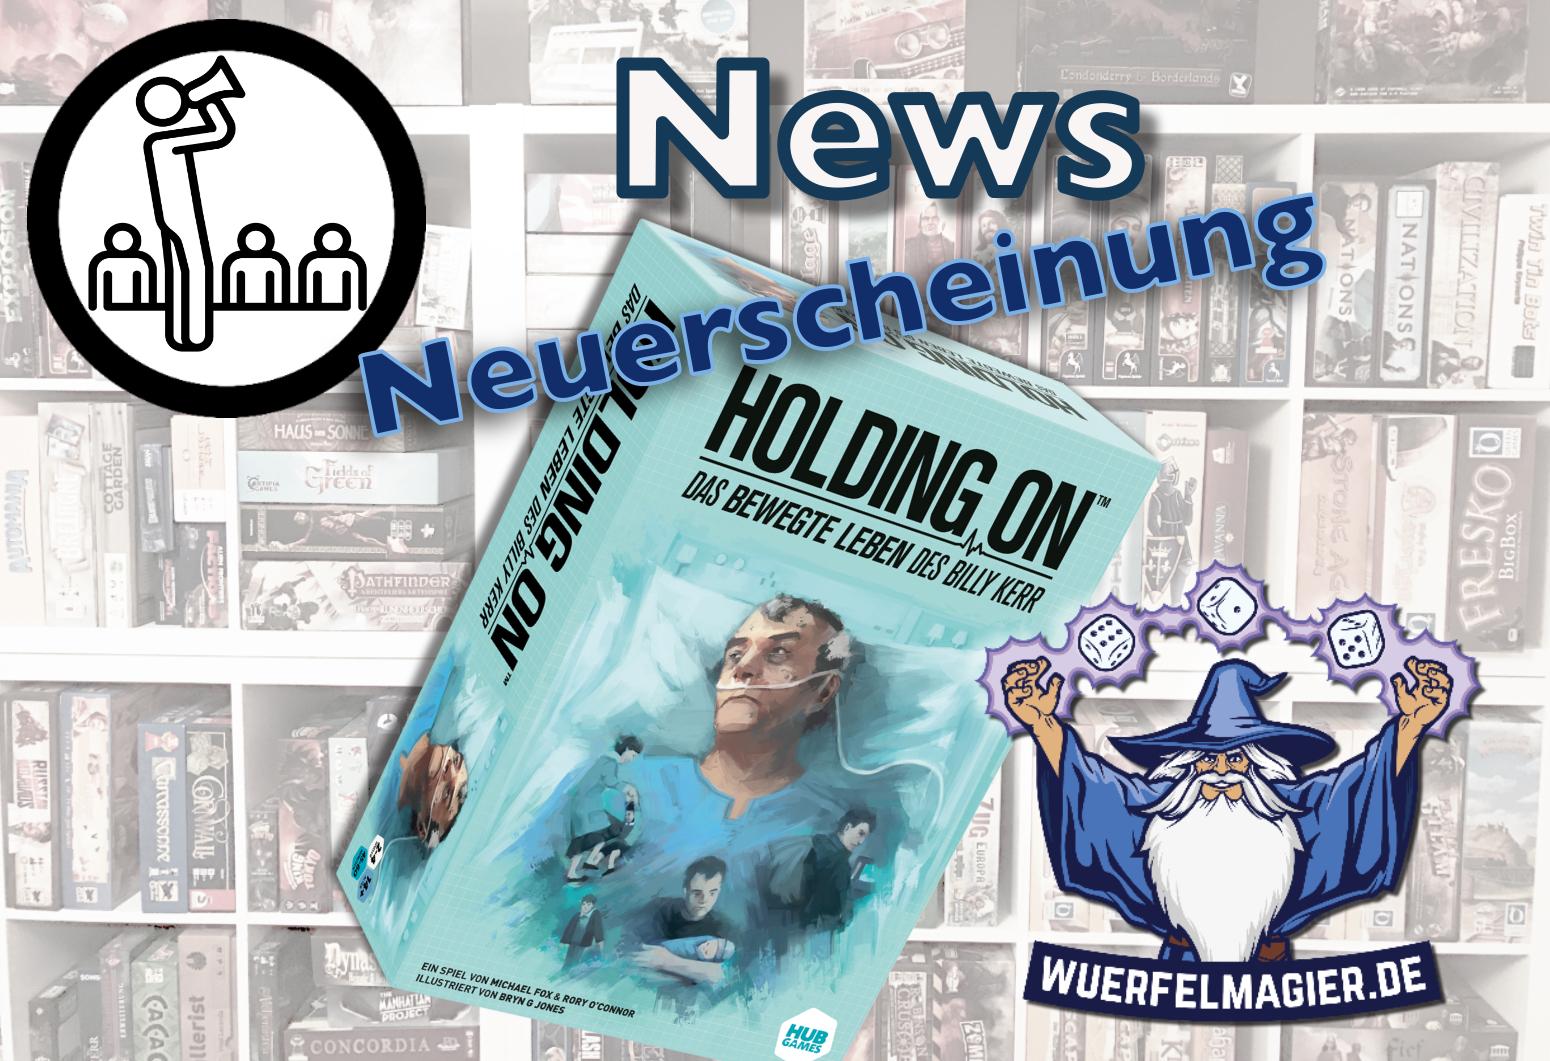 Holding On Neuerscheinung Asmodee Wuerfelmagier Würfelmagier